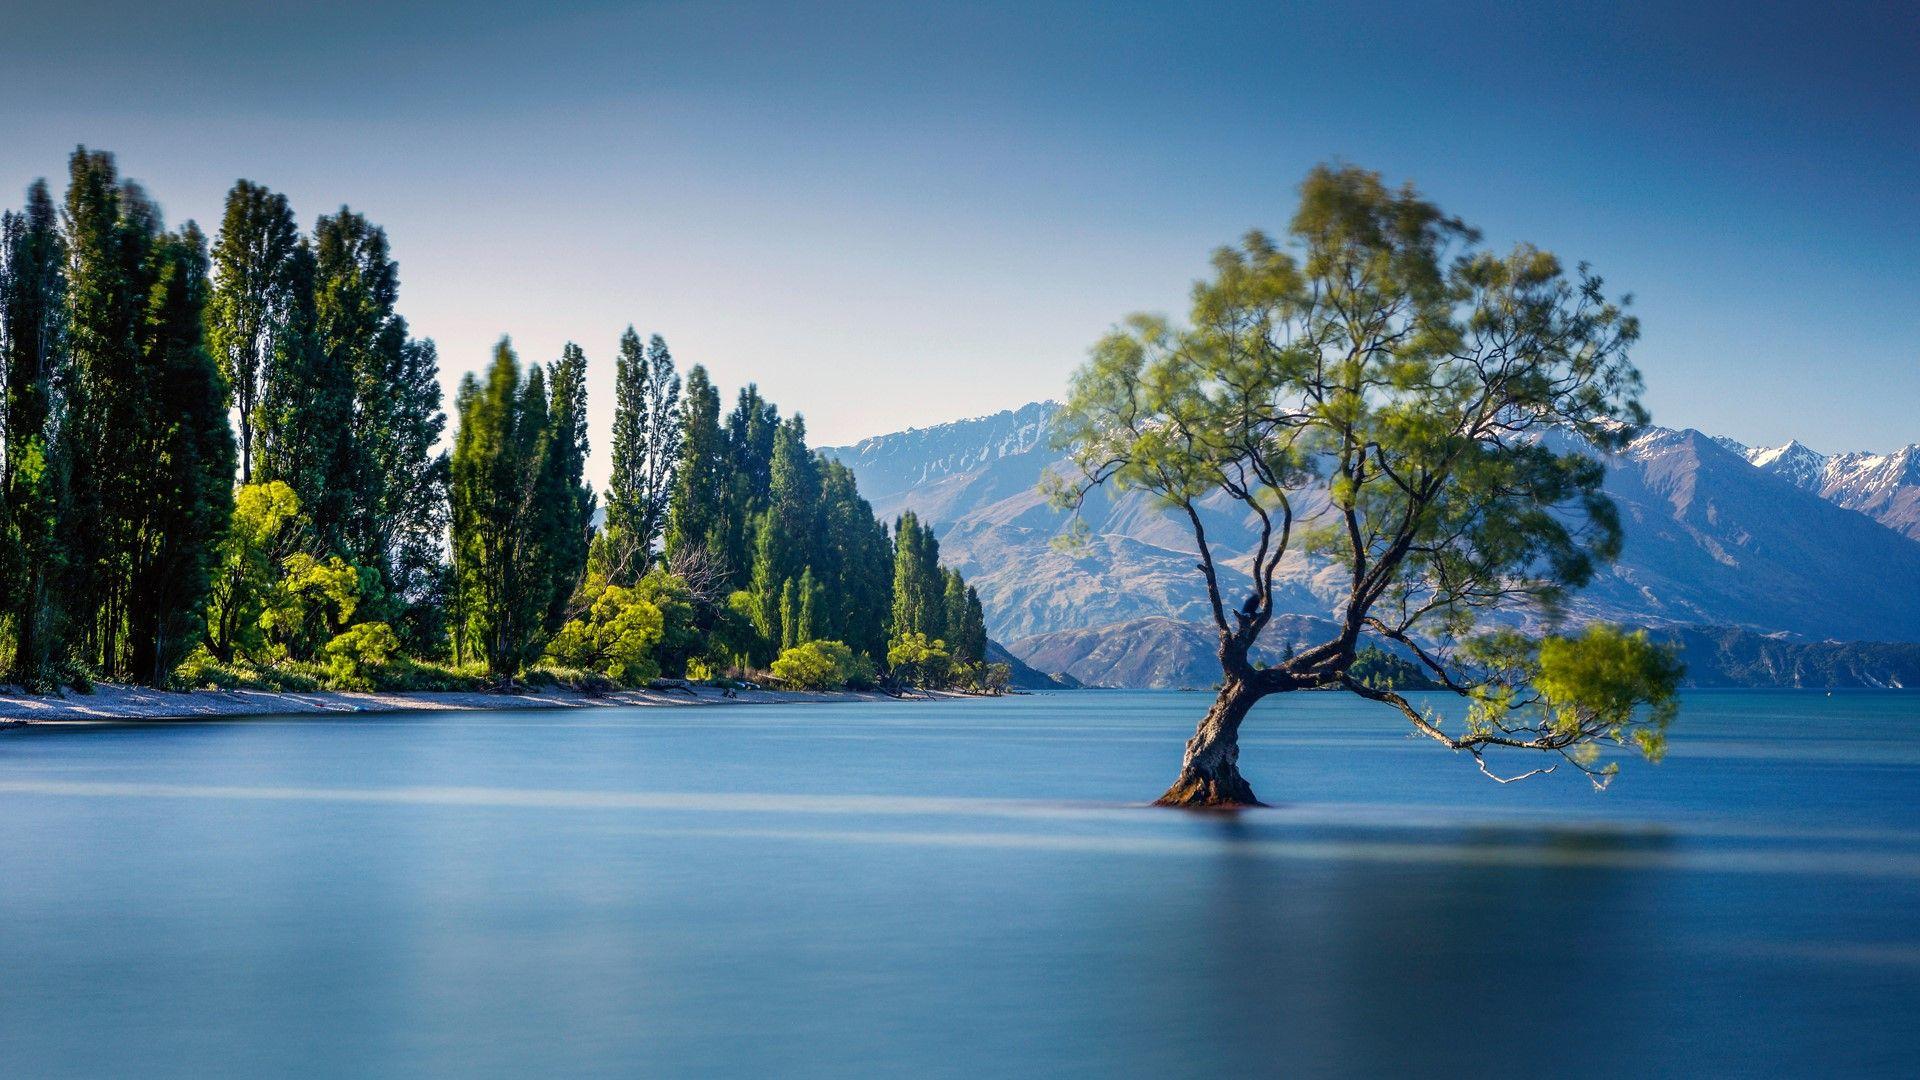 The famous Wanaka Tree at Lake Wanaka, Otago, New Zealand. [Desktop  wallpaper 1920x1080] | Lake wanaka, Wanaka new zealand, New zealand lakes